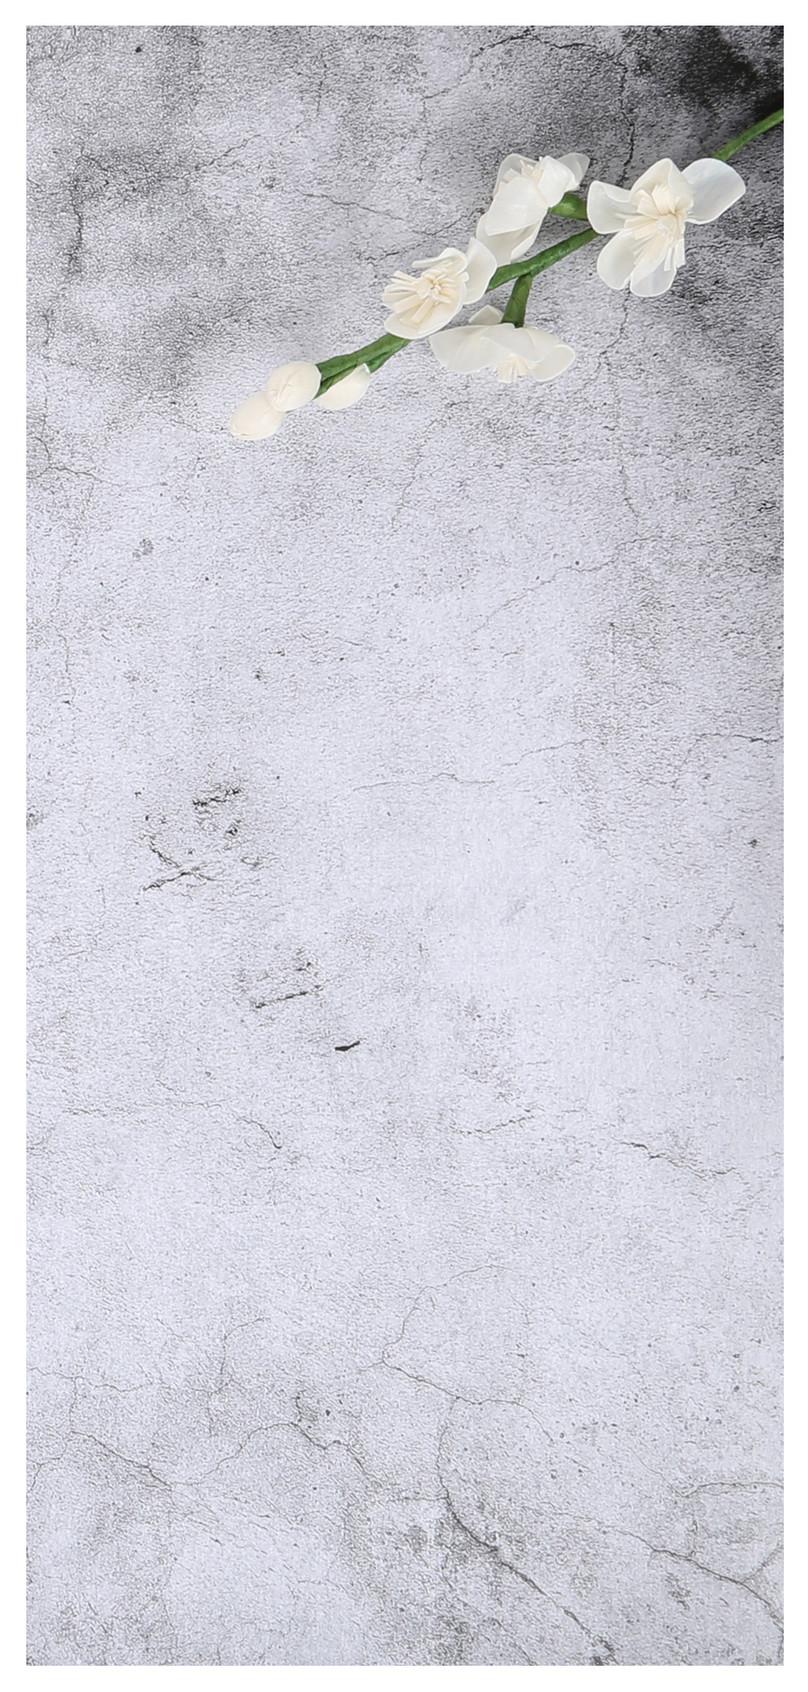 ビンテージドライフラワー携帯壁紙イメージ 背景 Id 400609321 Prf画像